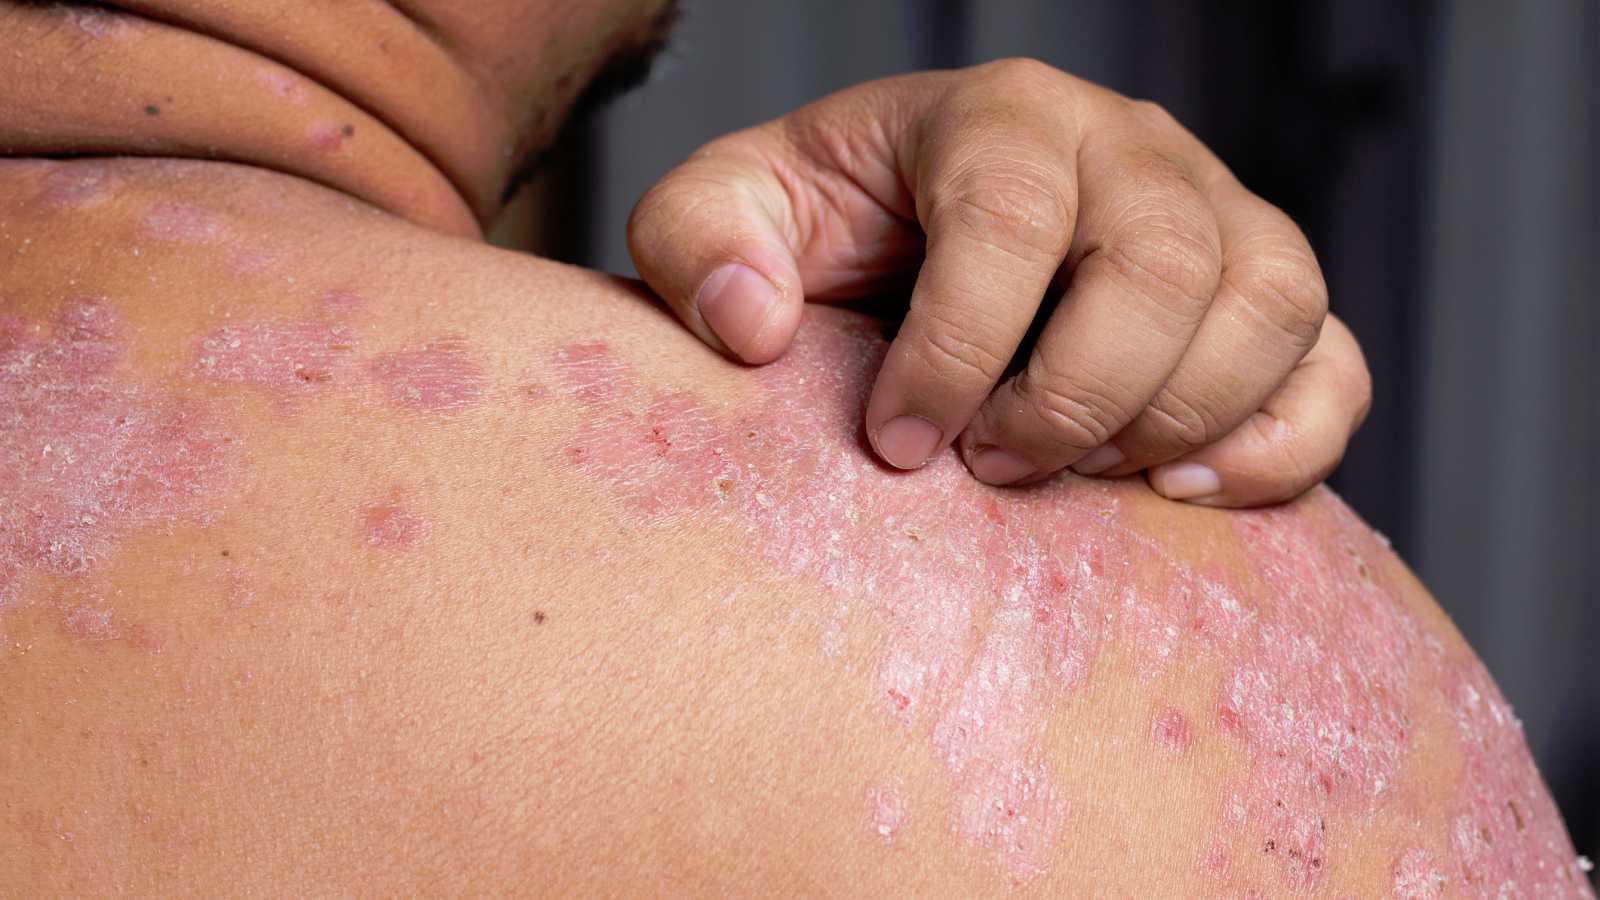 Cerca de un millón de personas en España padece psoriasis.